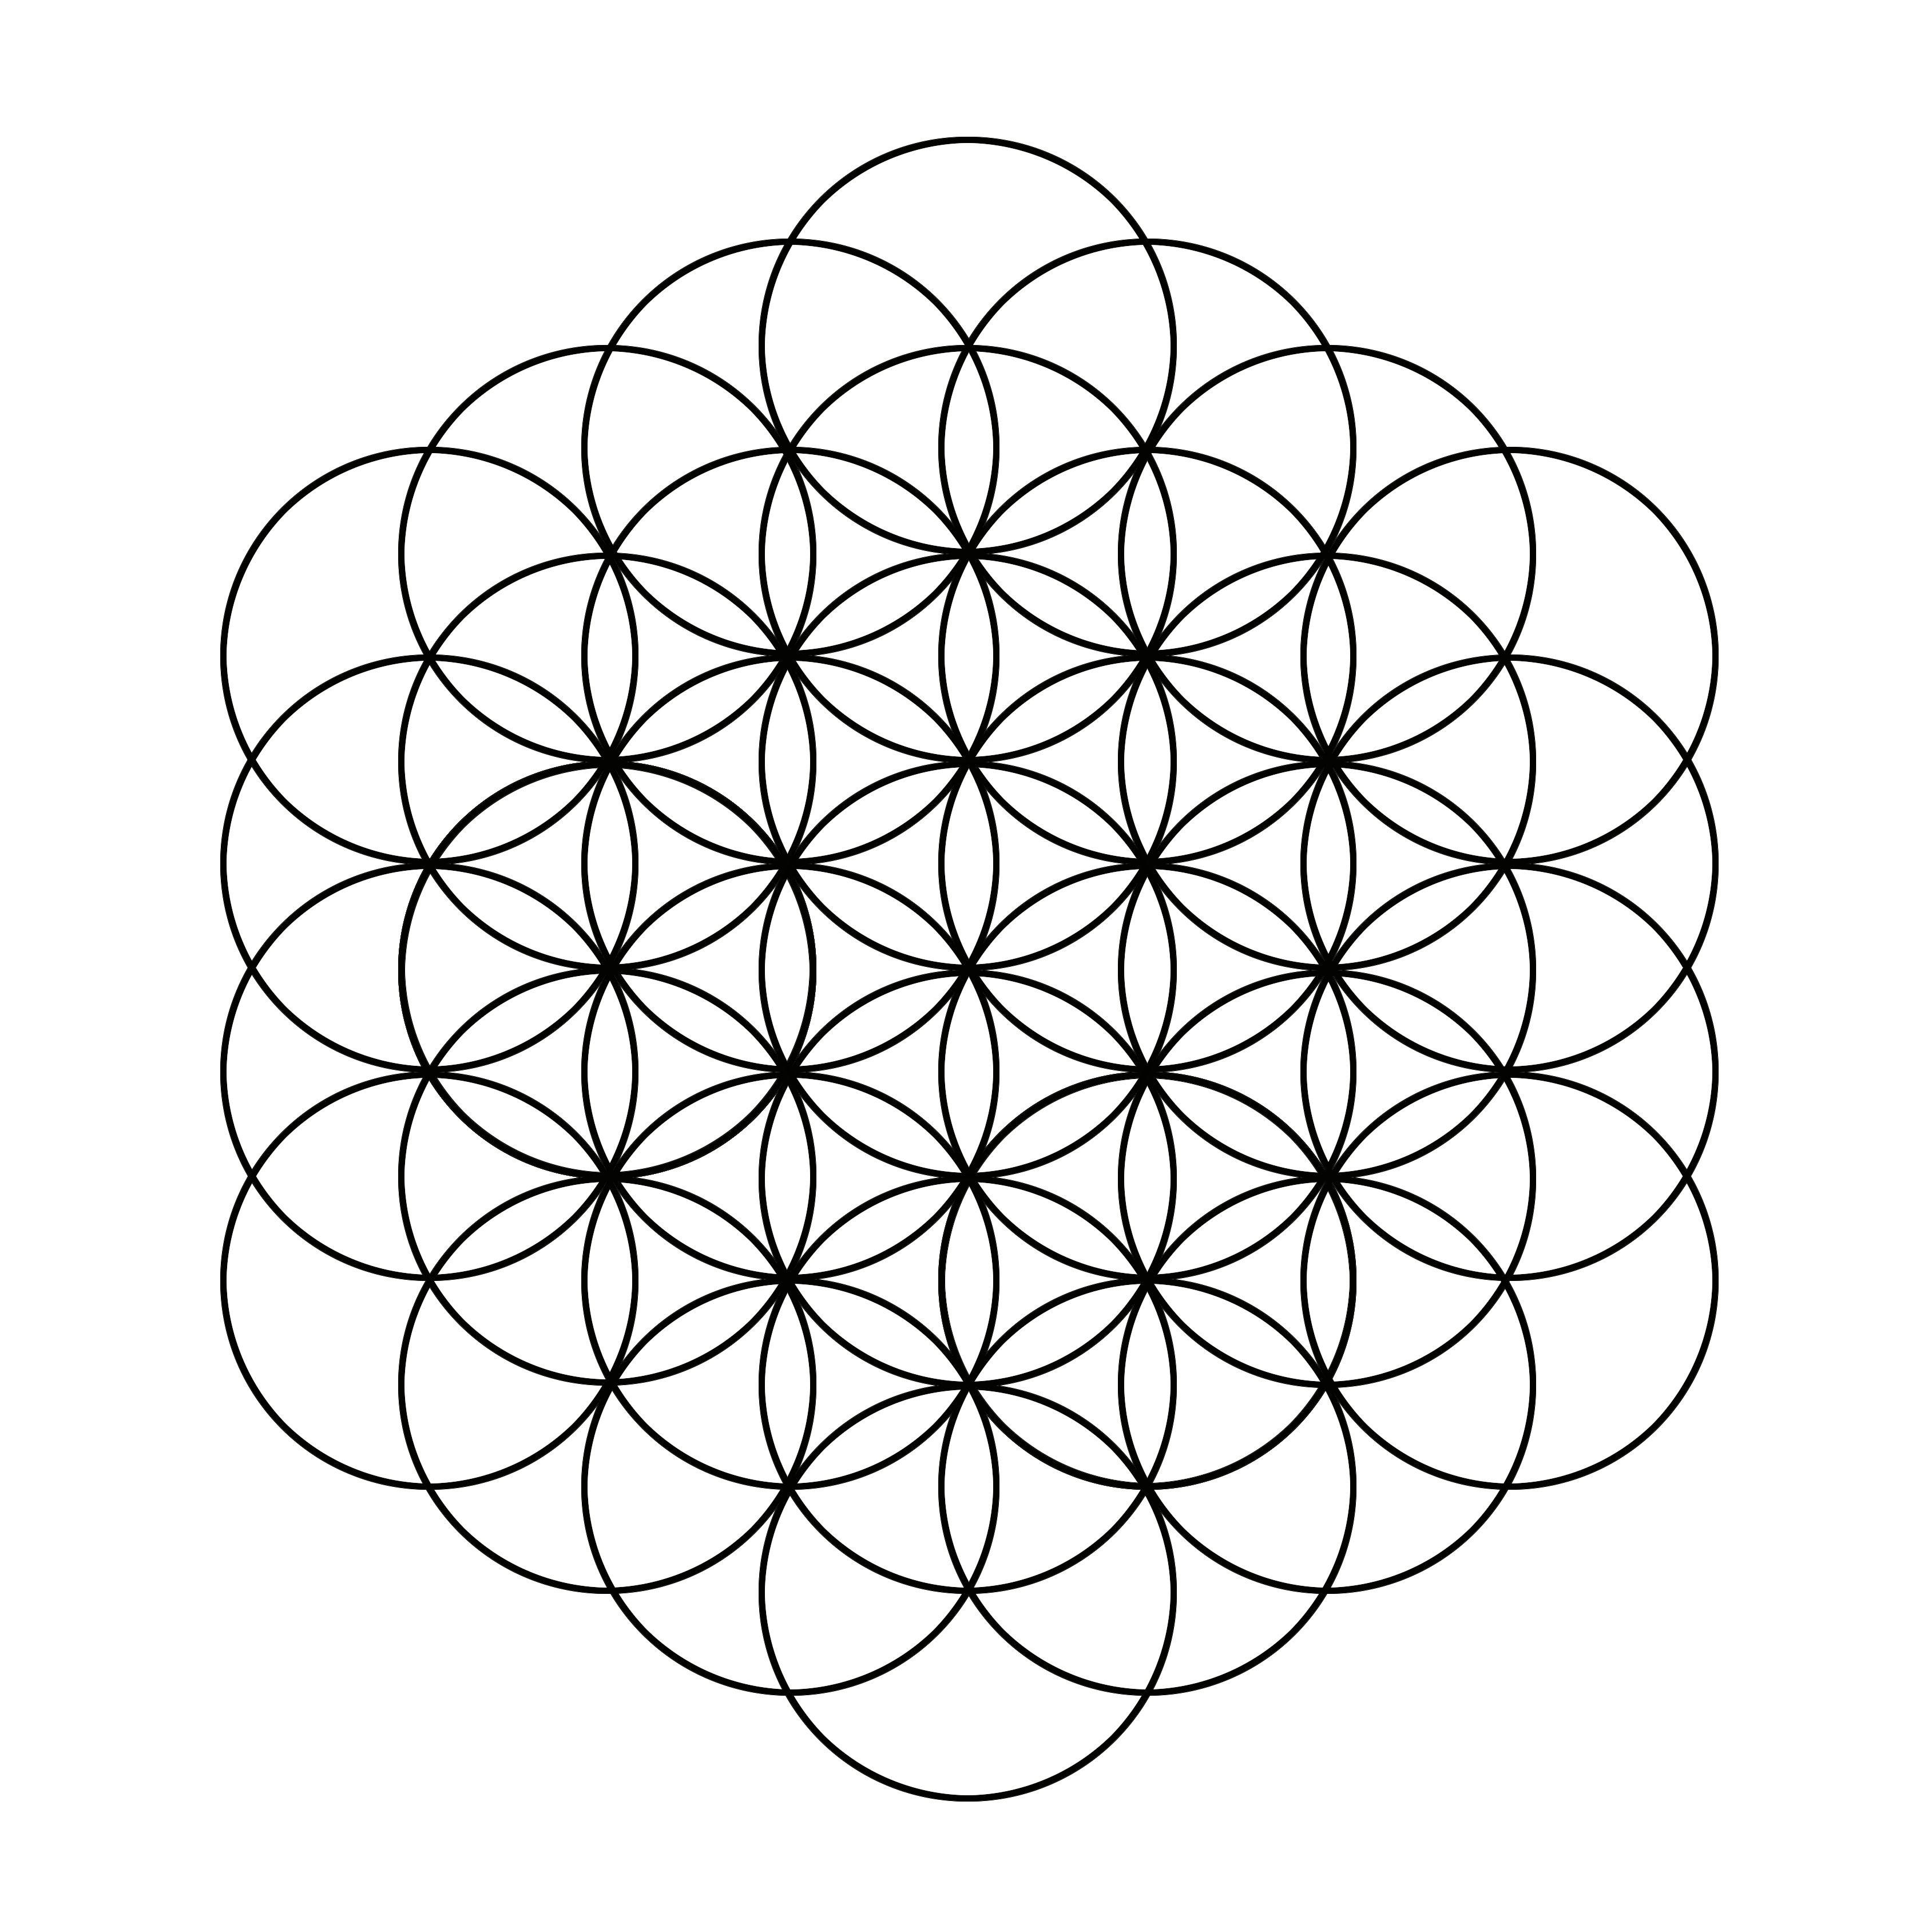 Fleur de vie tattoos pinterest dessin g om trique g om trie sacr e et fleur de vie tatouage - Coloriage fleur geometrique ...